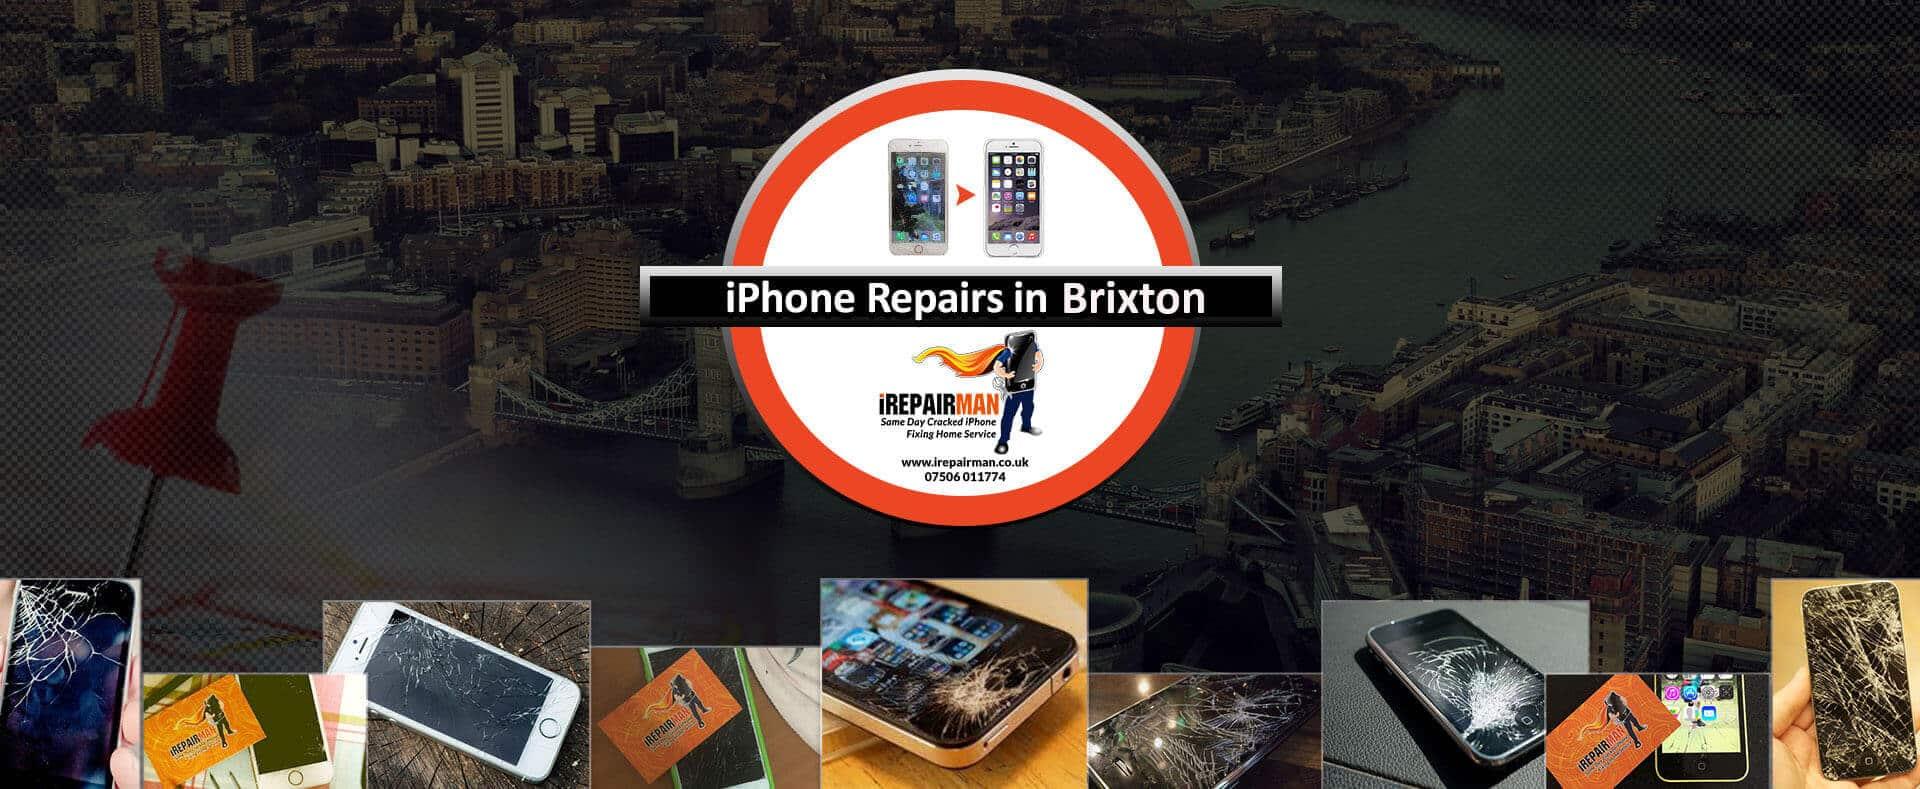 iPhone Repairs in Brixton